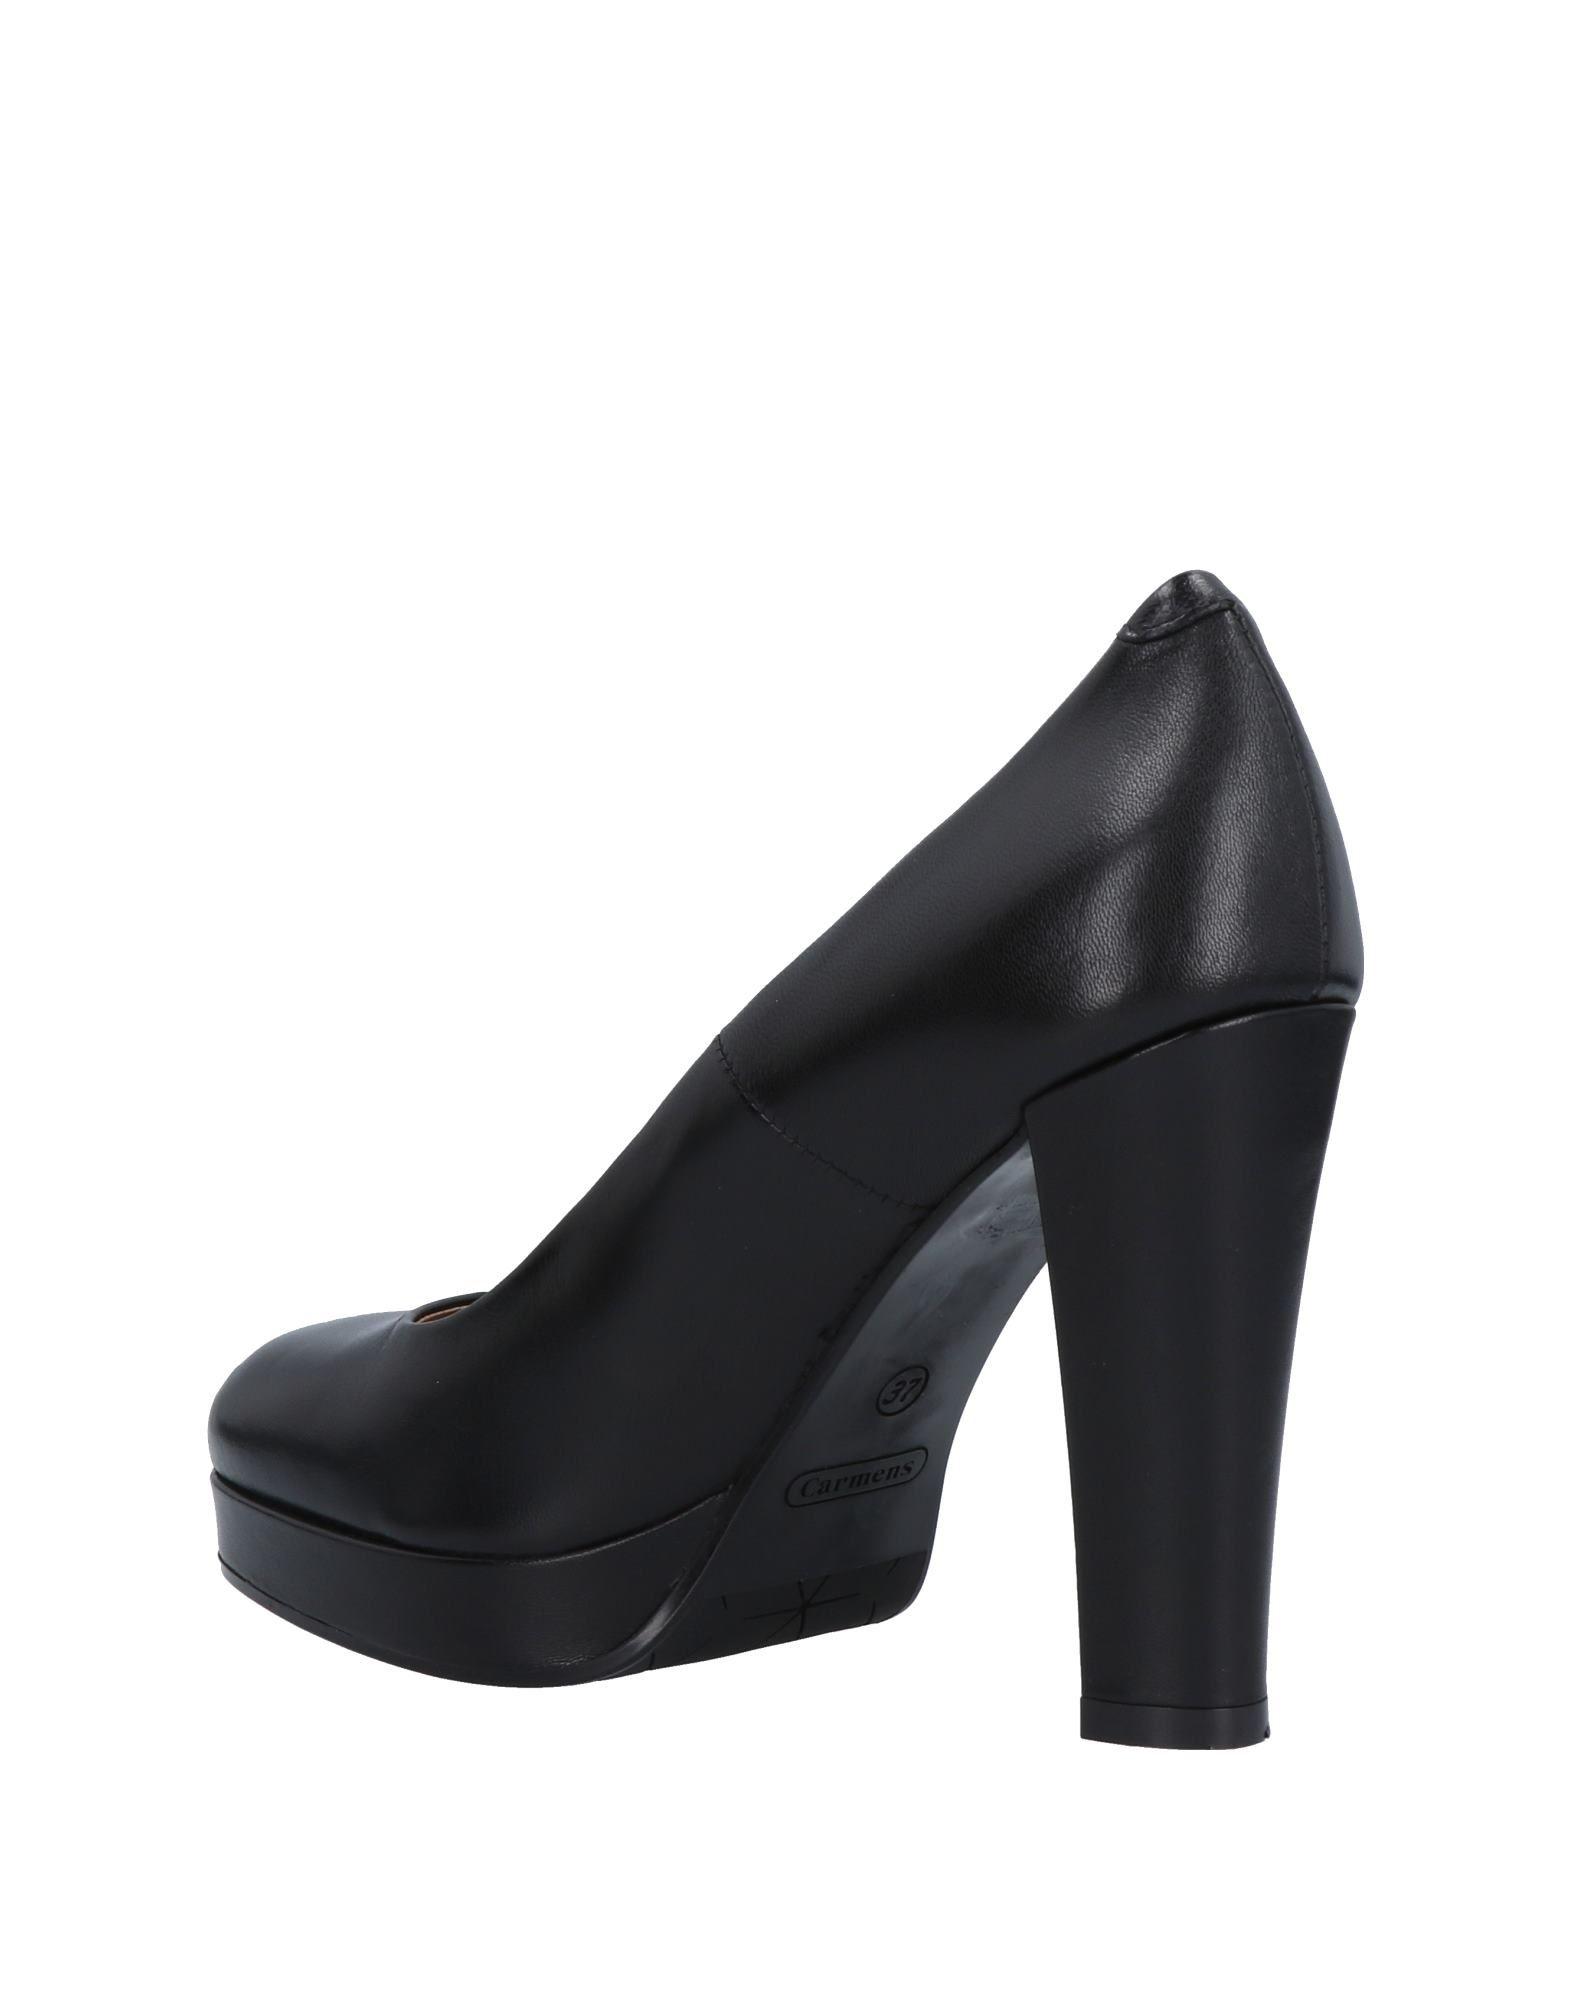 Carmens Pumps Damen beliebte  11496366TS Gute Qualität beliebte Damen Schuhe bbbae2